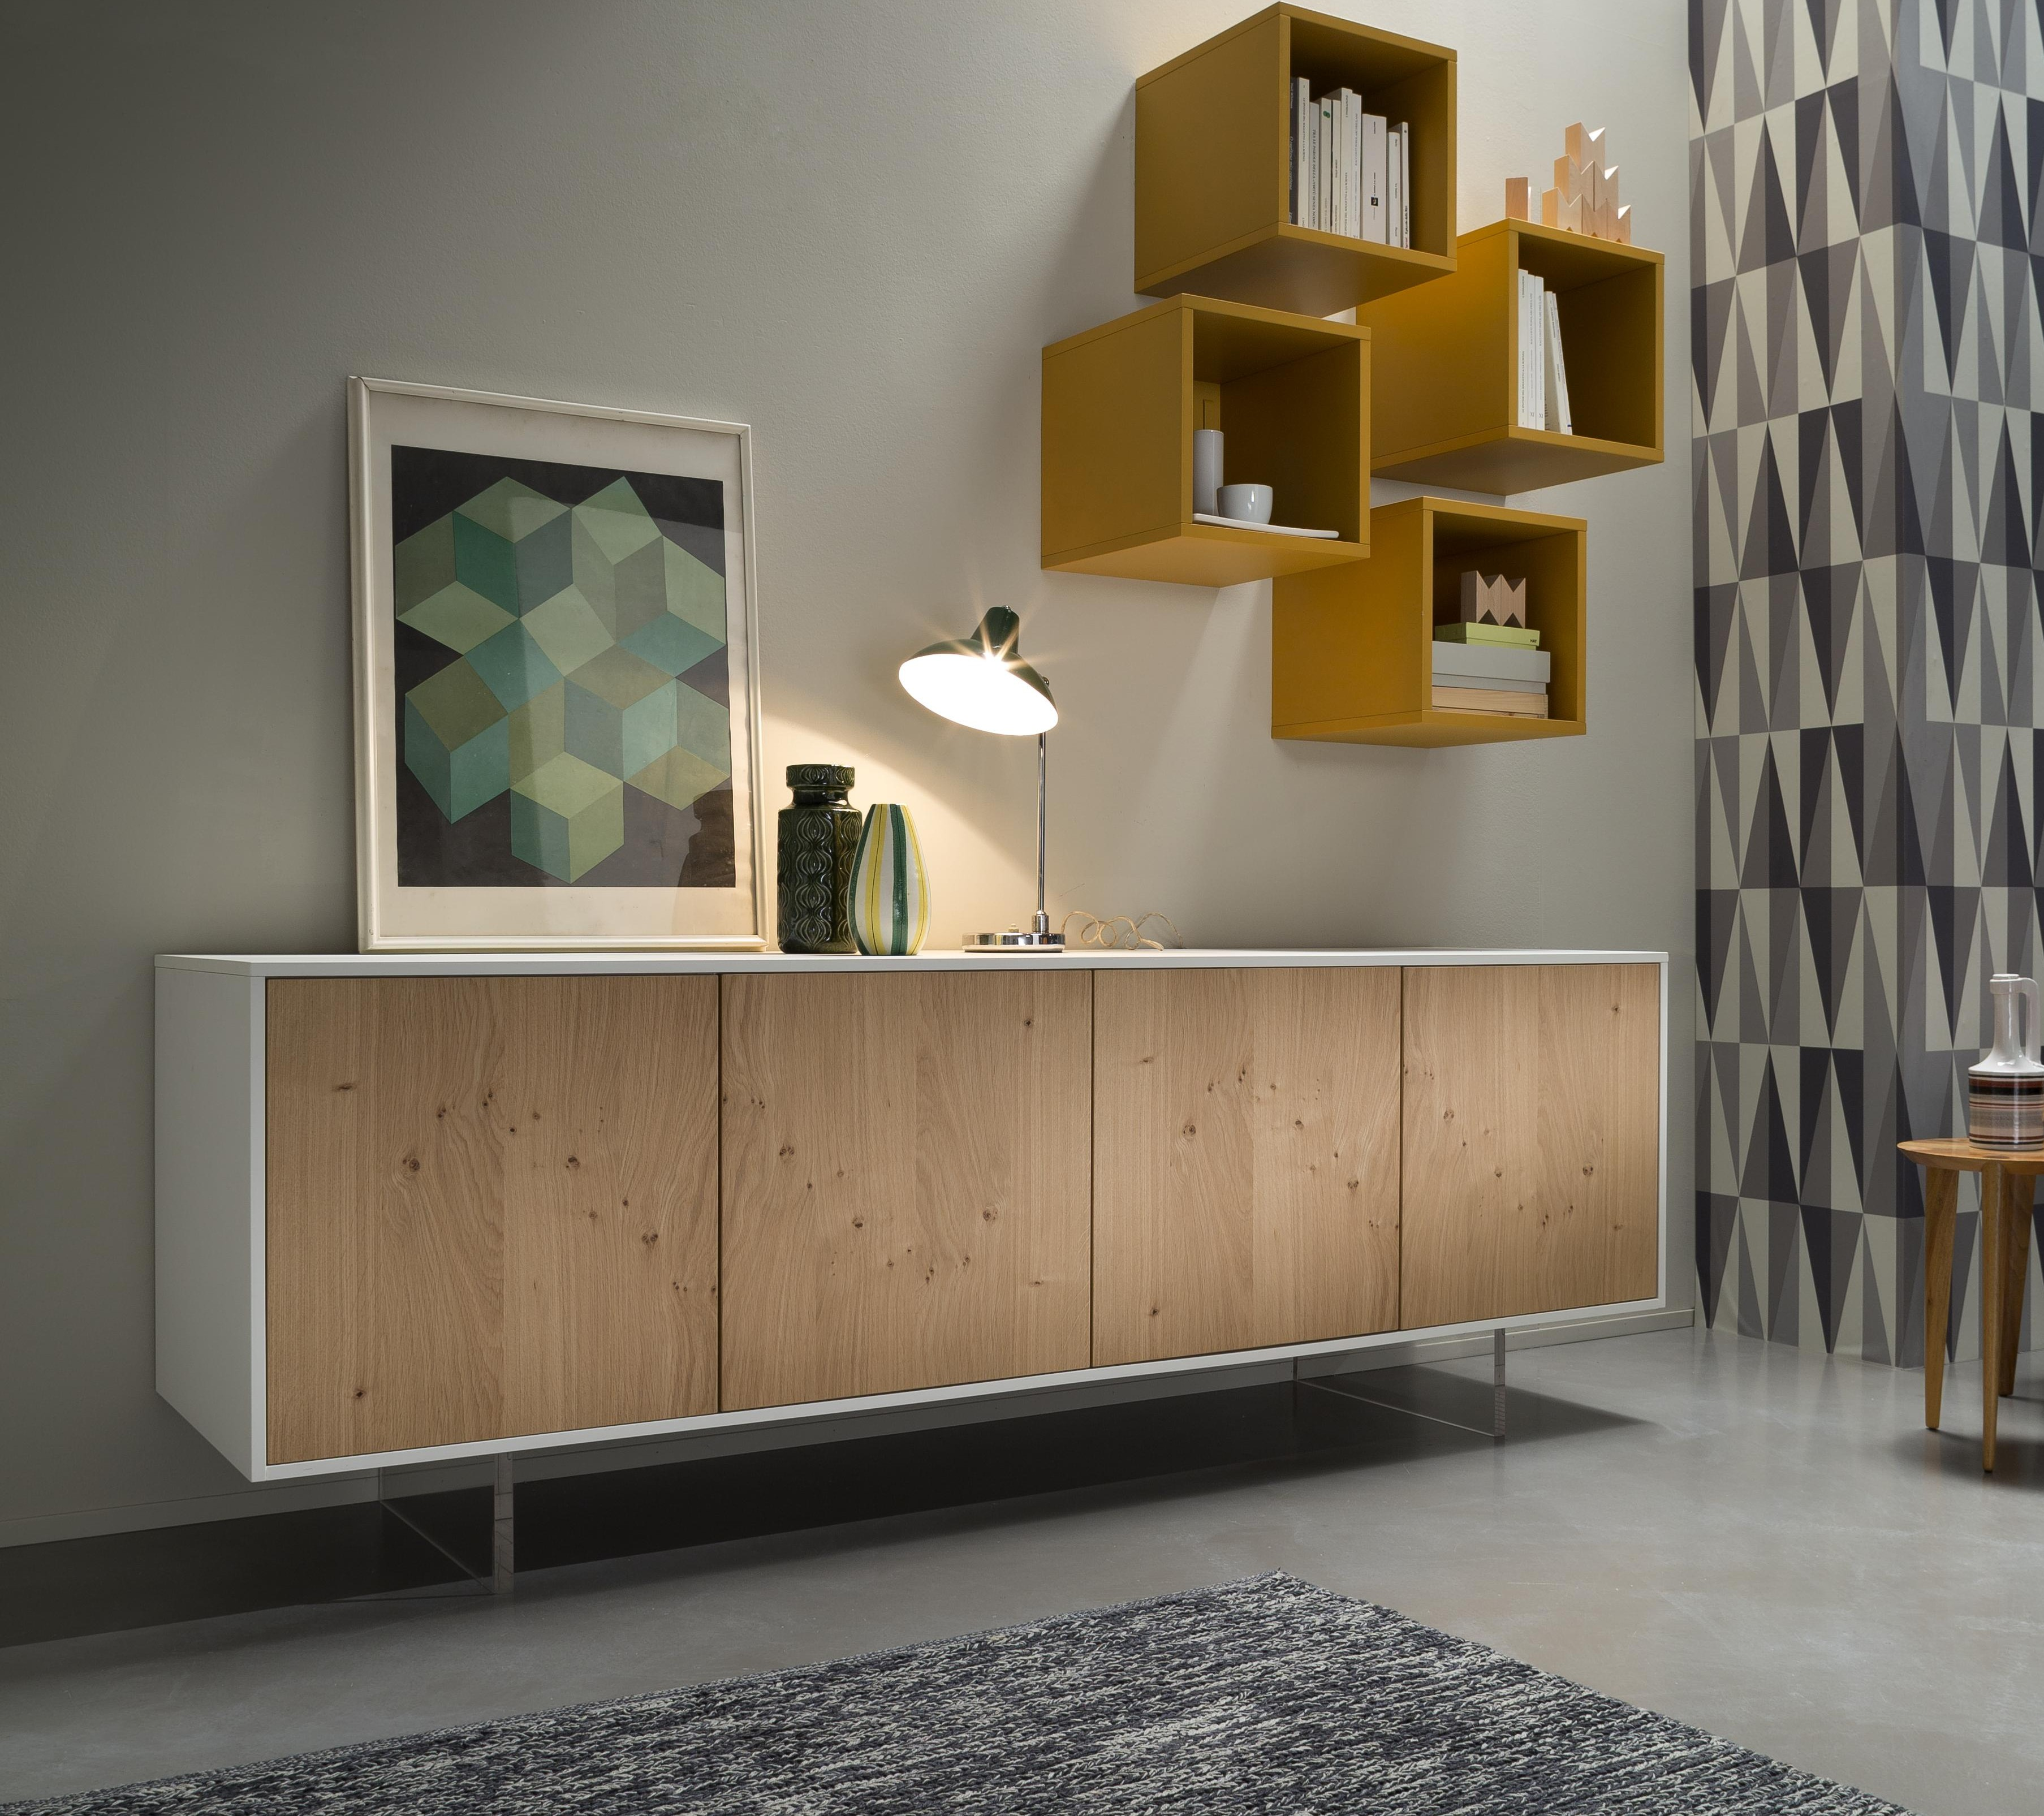 Credenze Soggiorno Moderne: Credenze moderne dark room e ...